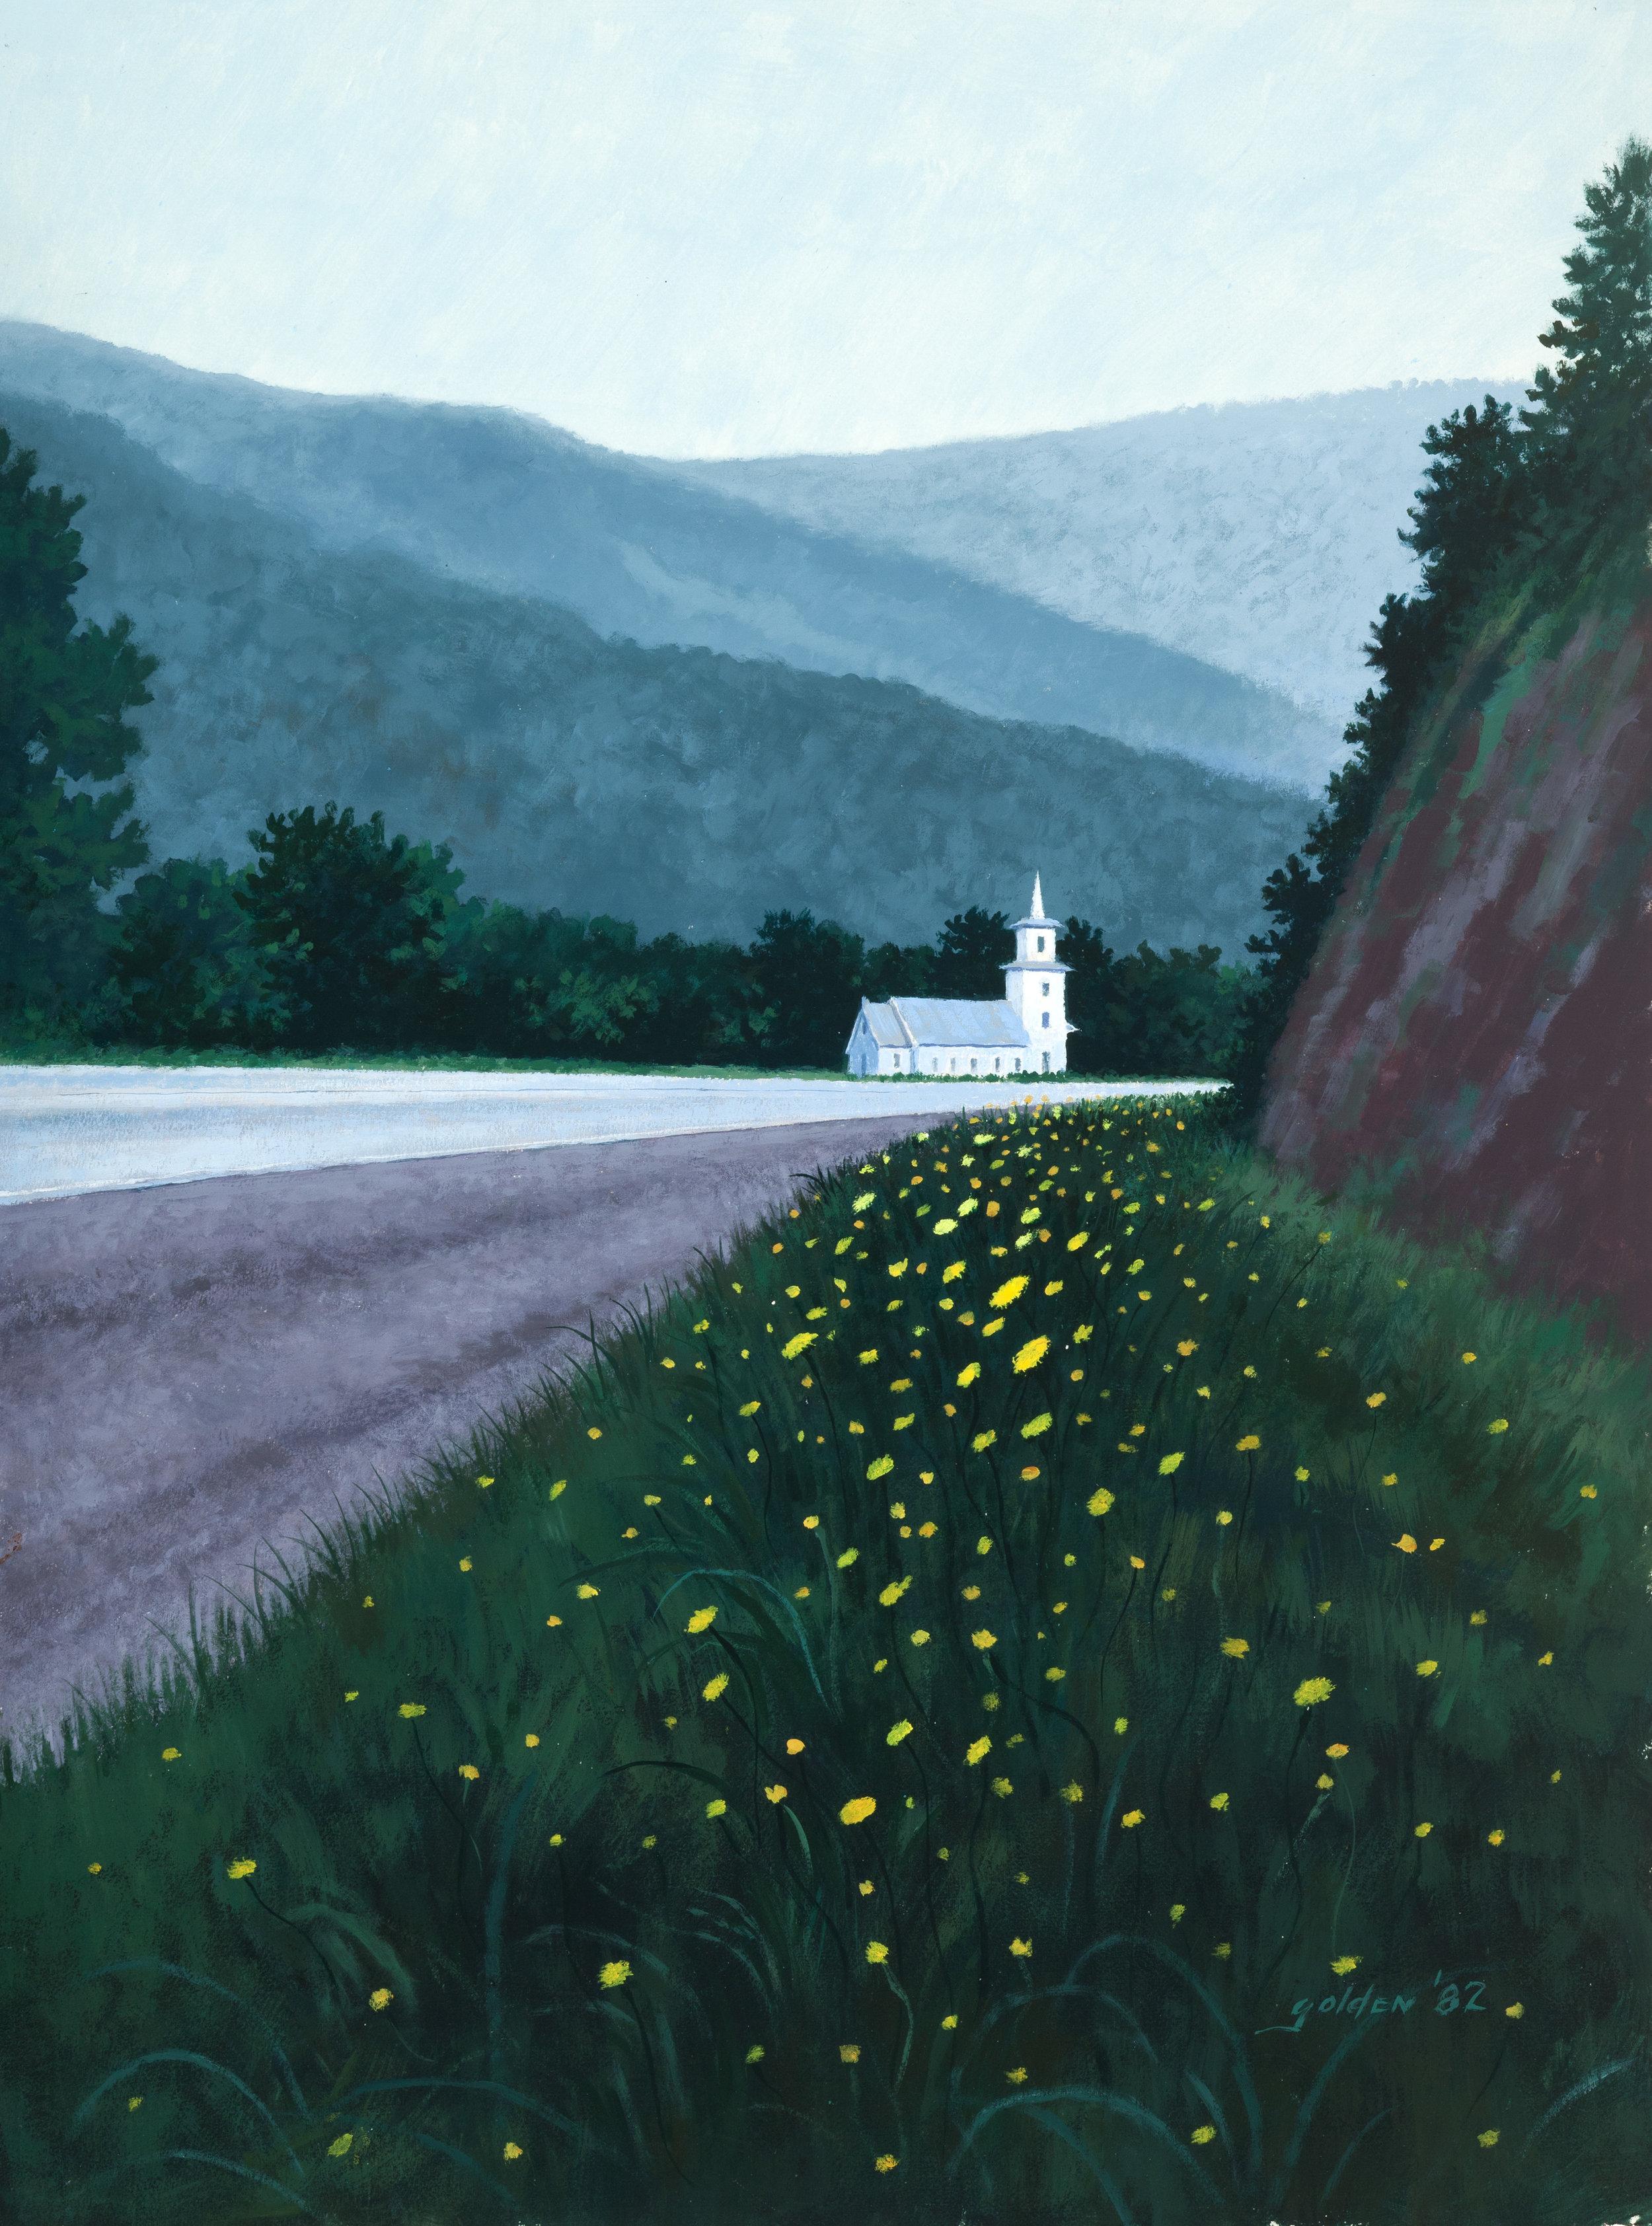 Vermont Church (1982)